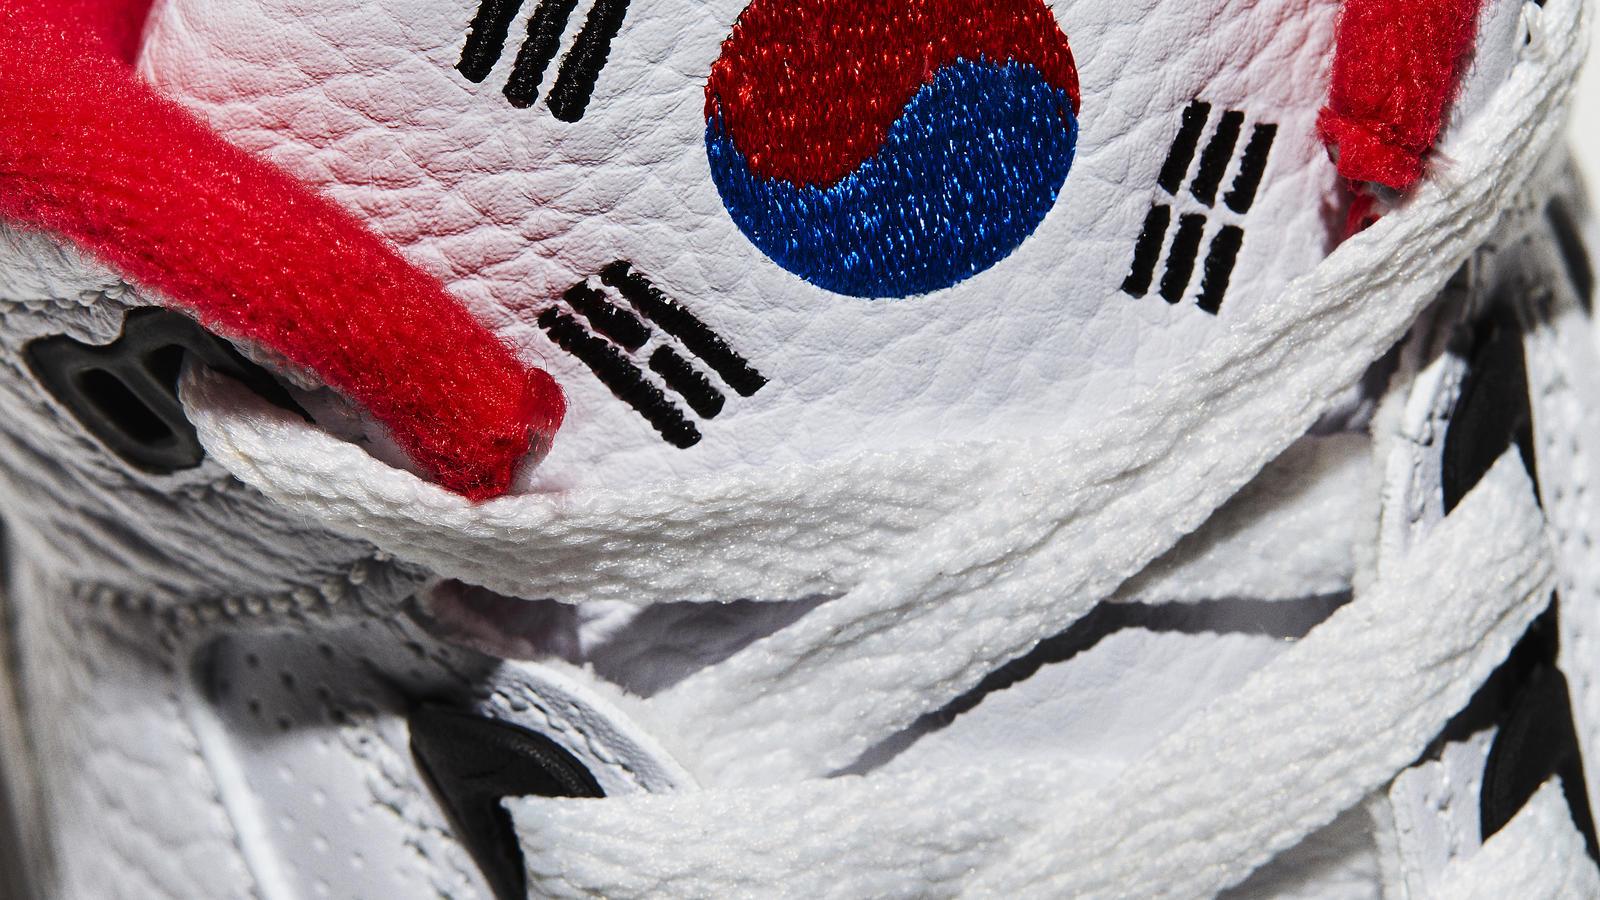 Jordan 3 seoul 01 hd 1600